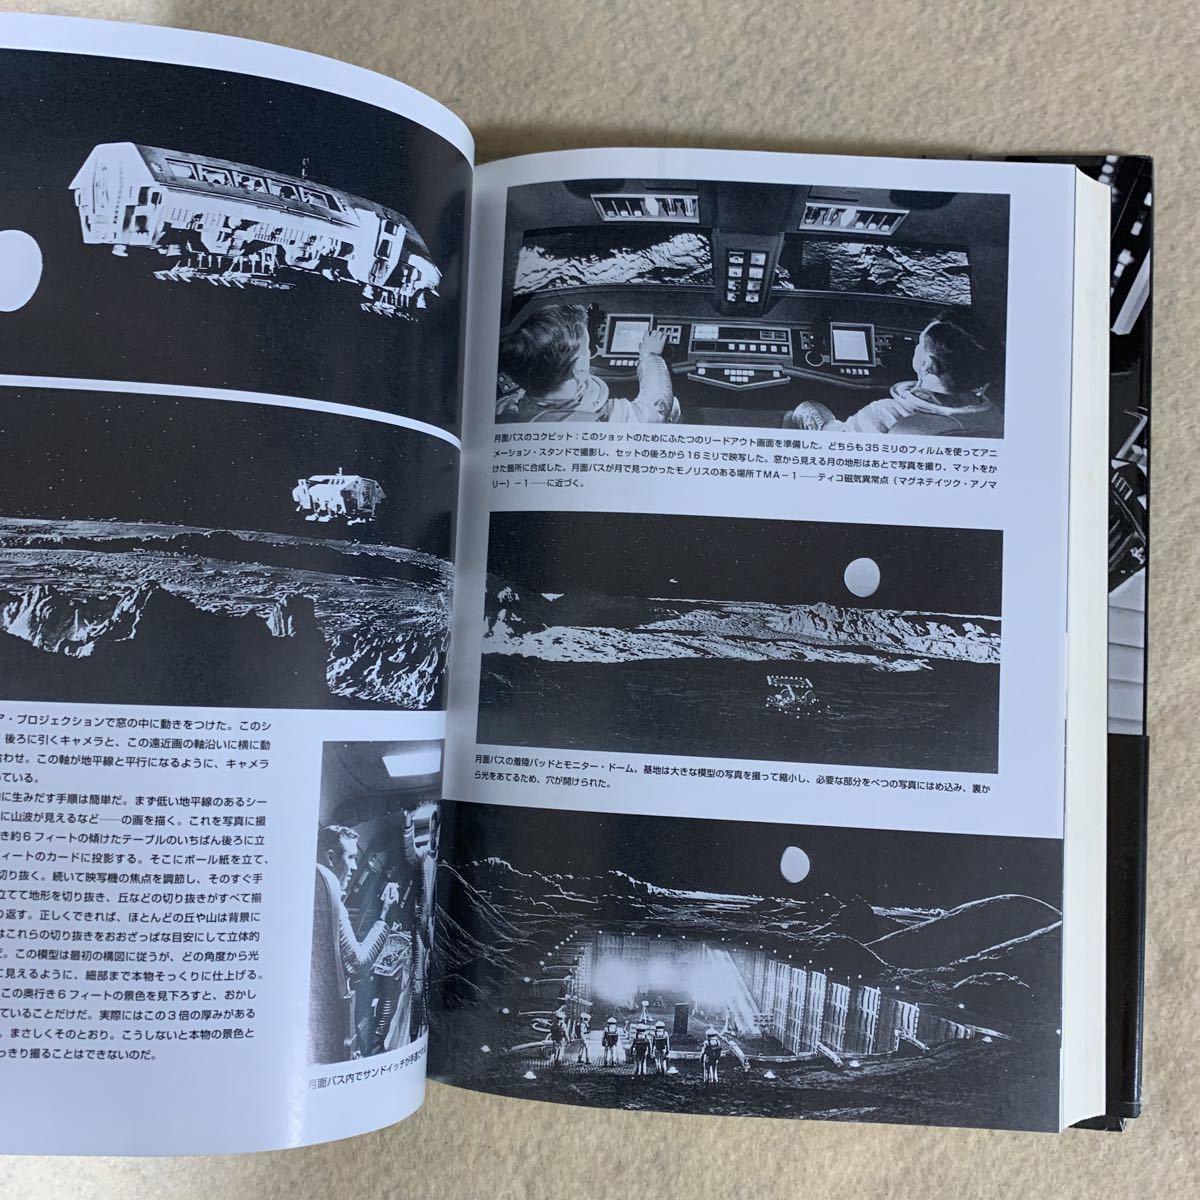 メイキング・オブ・2001年宇宙の旅 ジェローム・アジェル/編 ソニーマガジンズ 1998年 初版_画像9